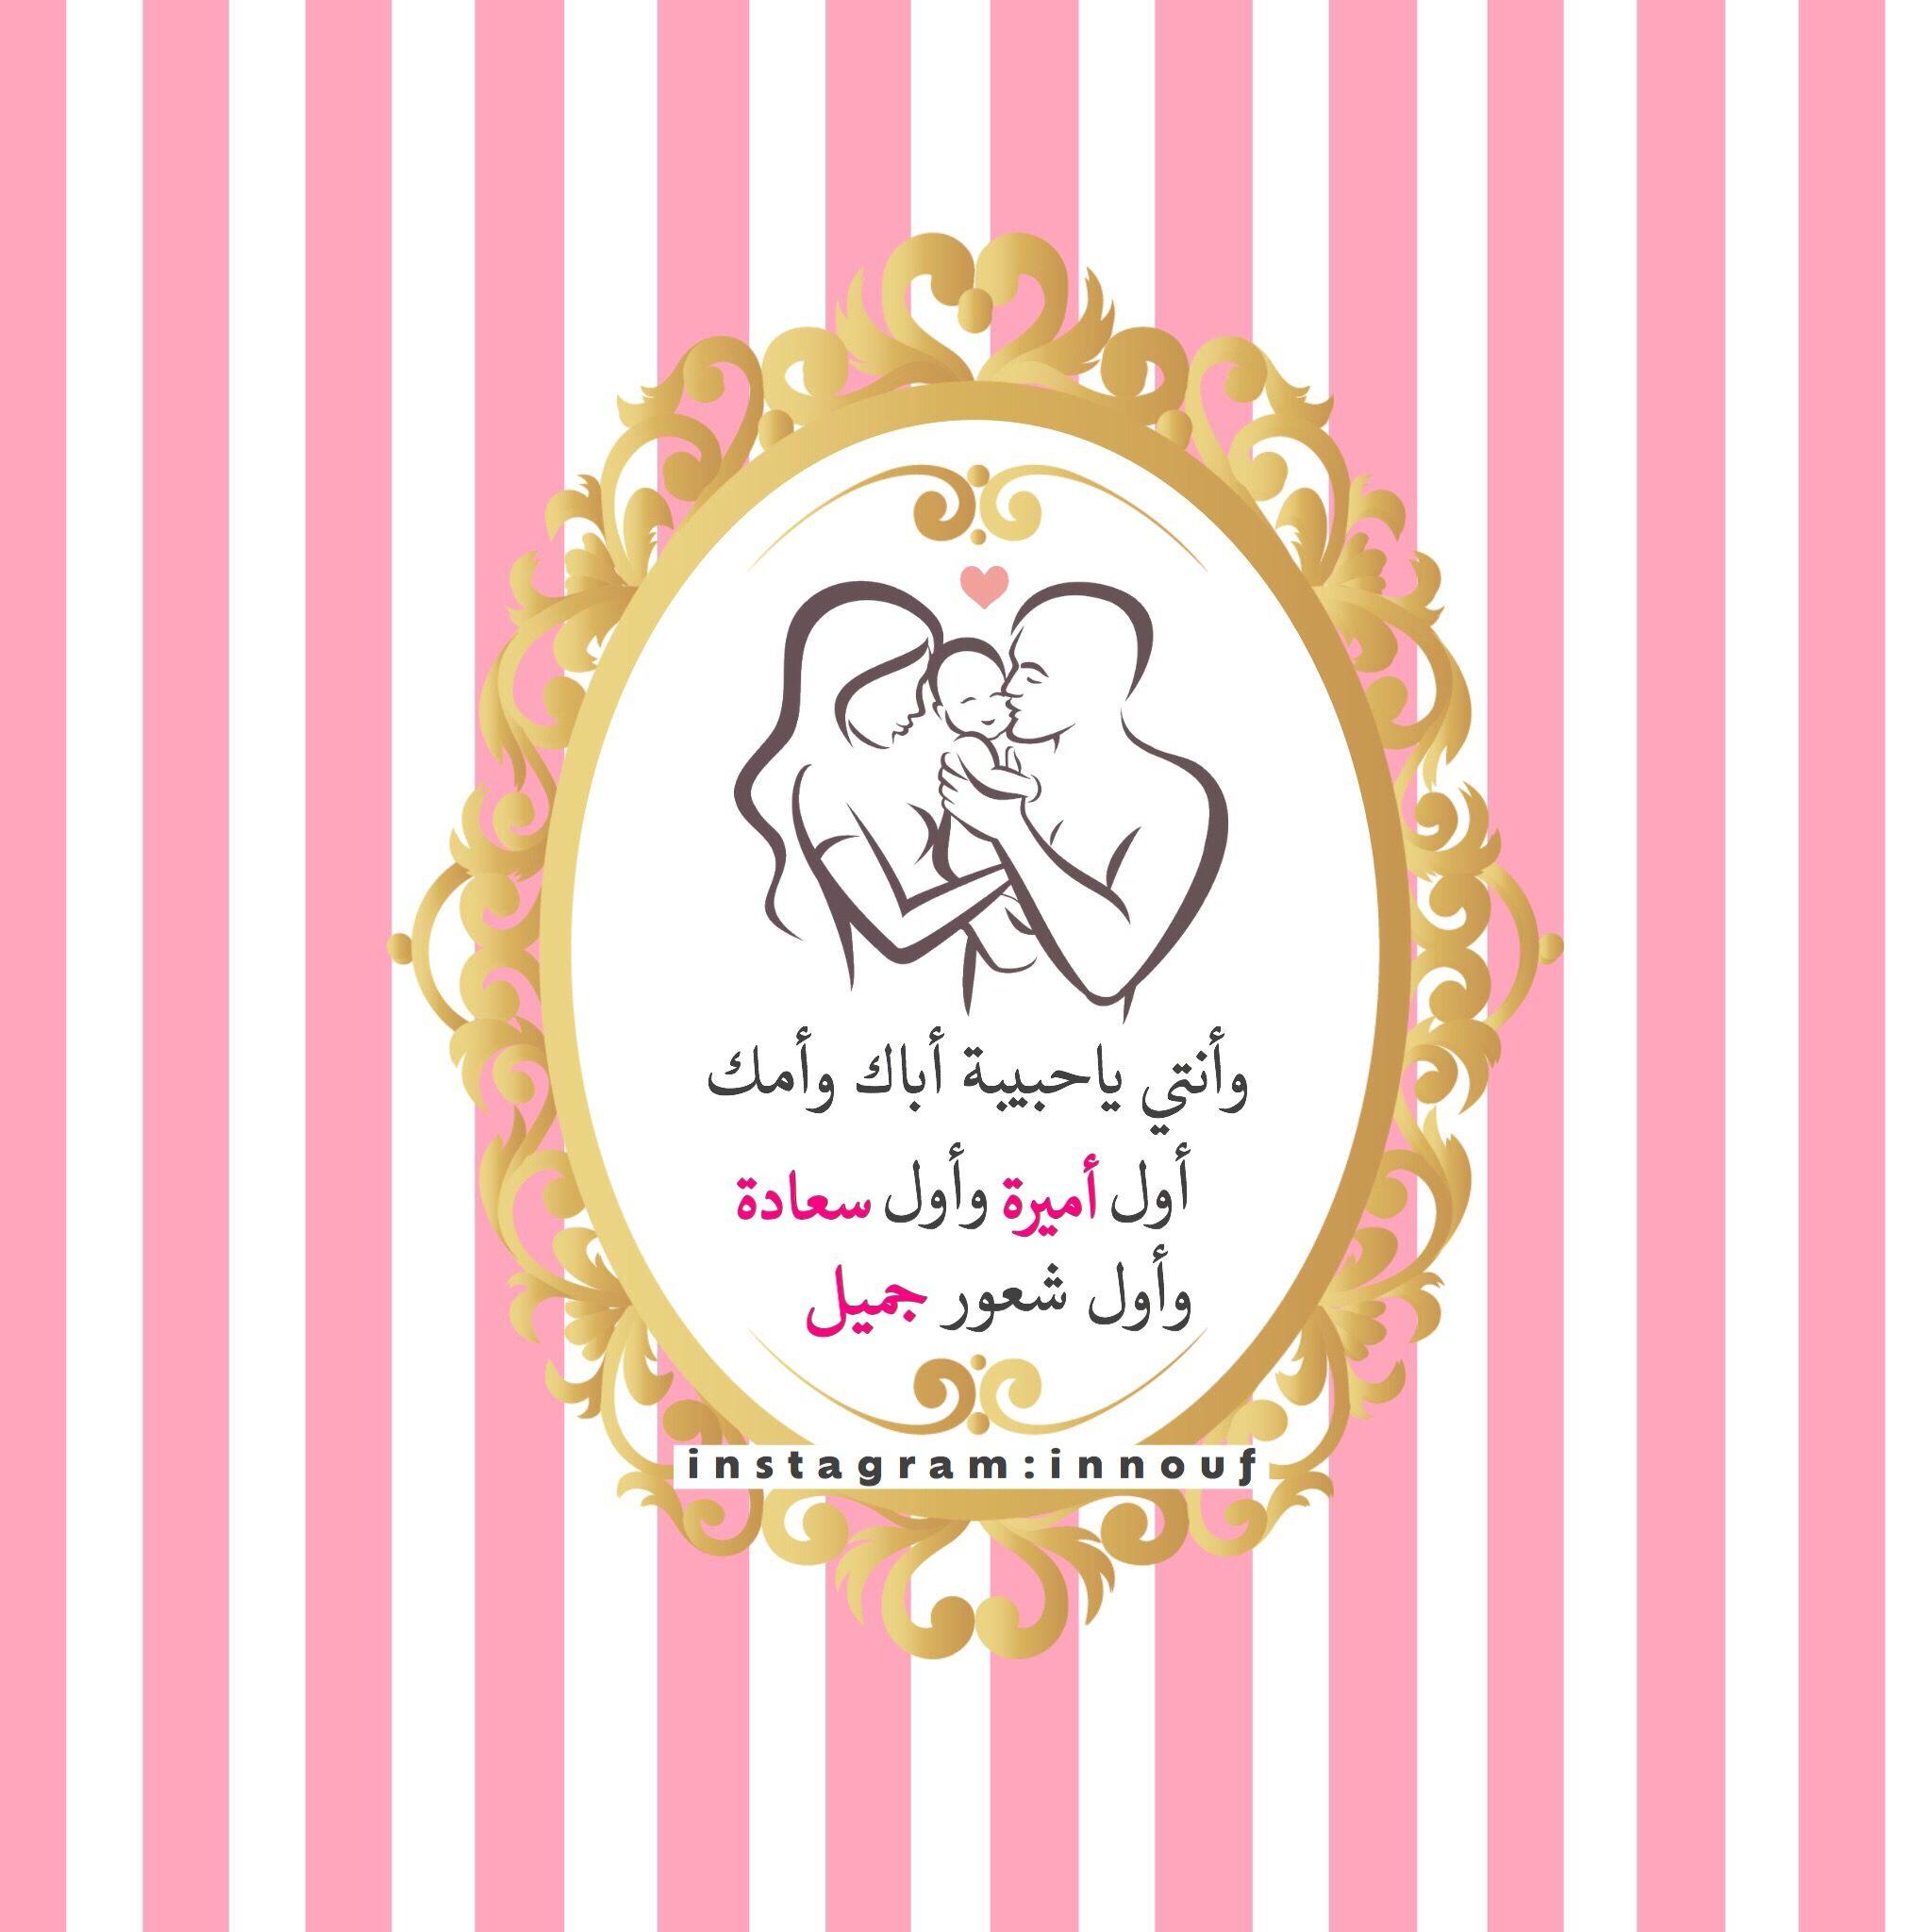 تصميم مواليد ثيمات خلفيات Cute Picsart تصاميم امي ابي Baby ادوات قلب اطفال ملصق افتار هي Valentine Wedding Card Baby Boy Cards Origami Gift Box